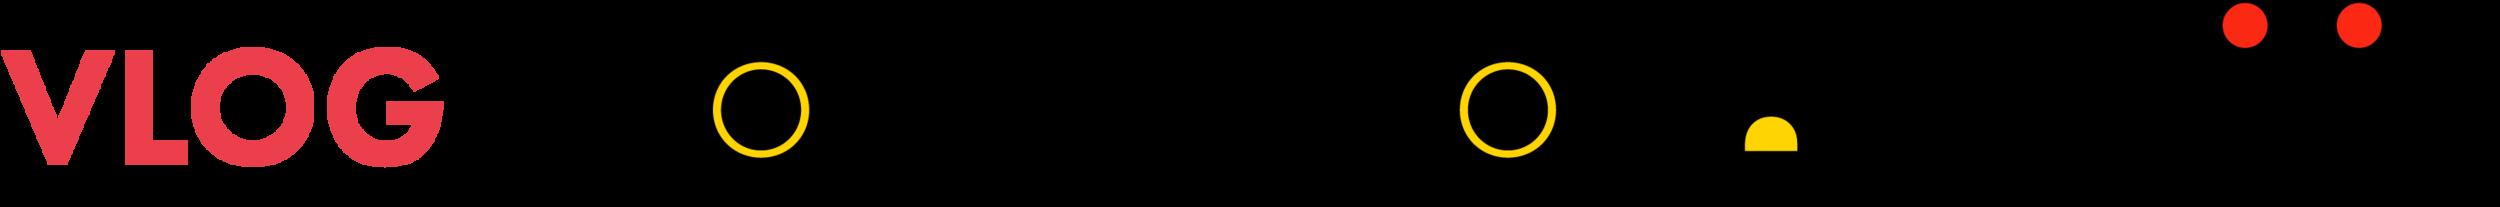 vlog logo.png